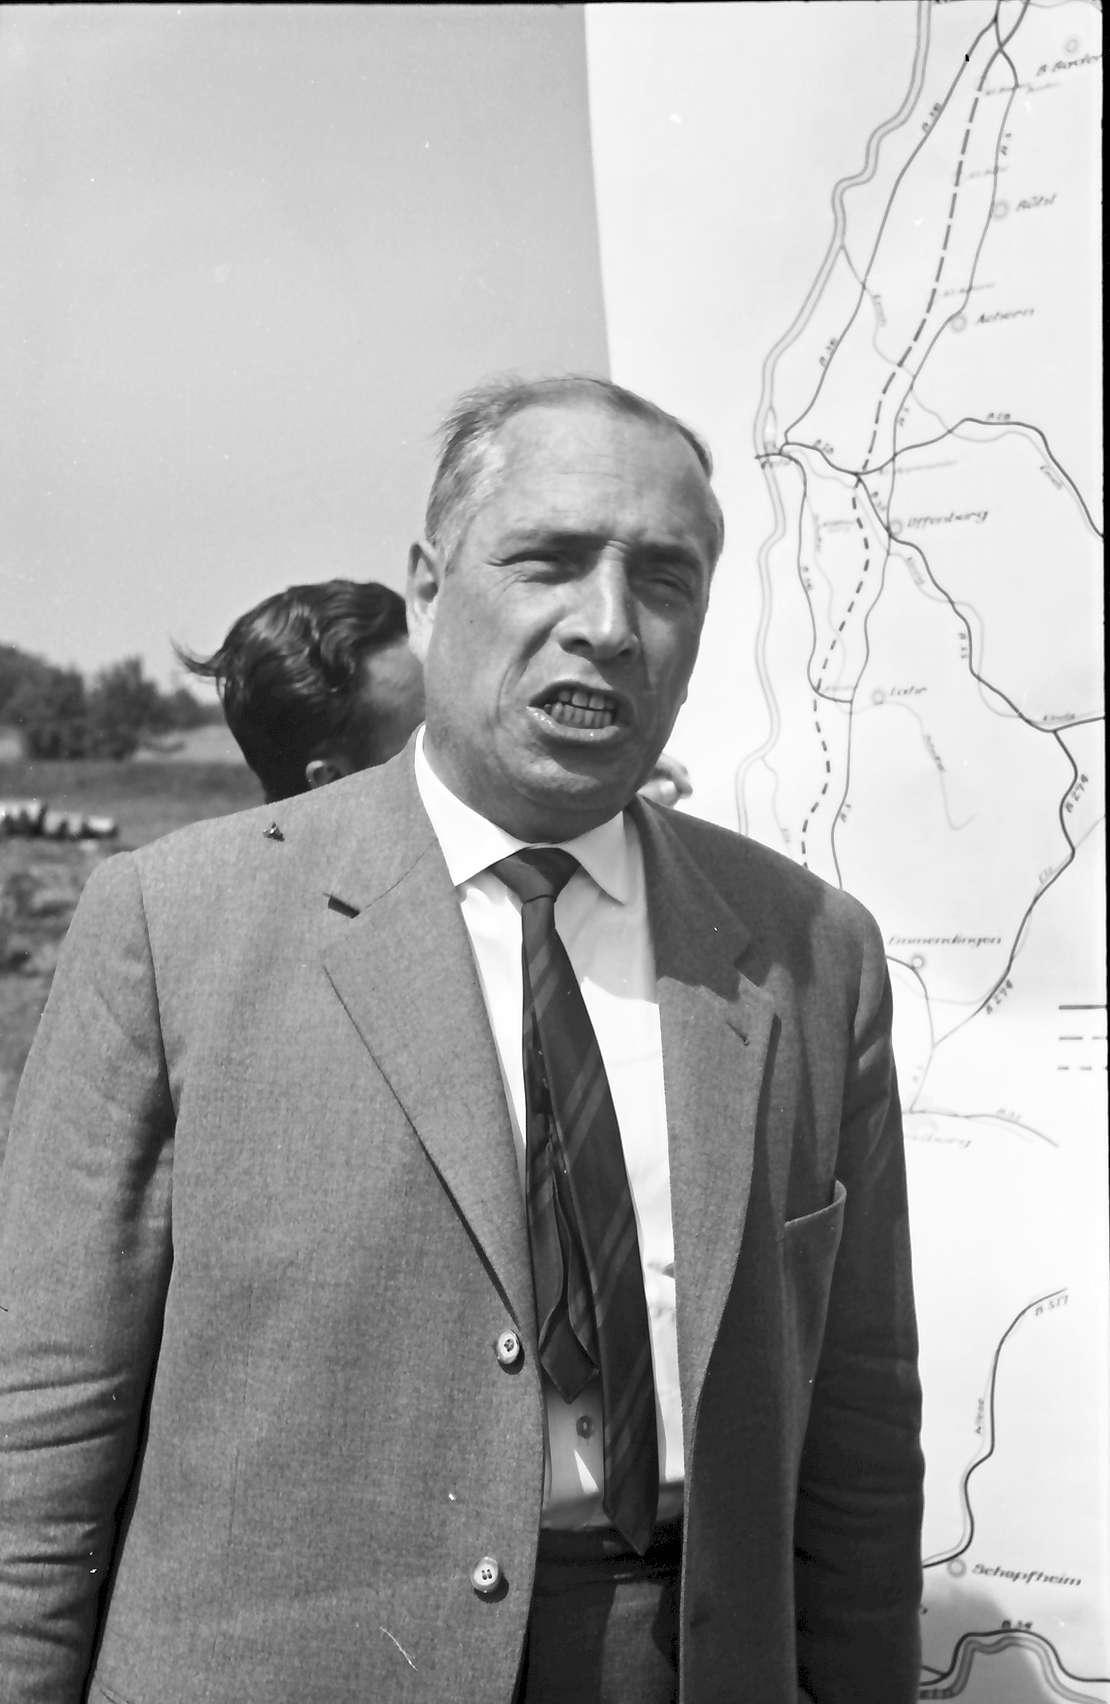 Wagshurst: Regierungsbaudirektor Leins; Portrait, Bild 1